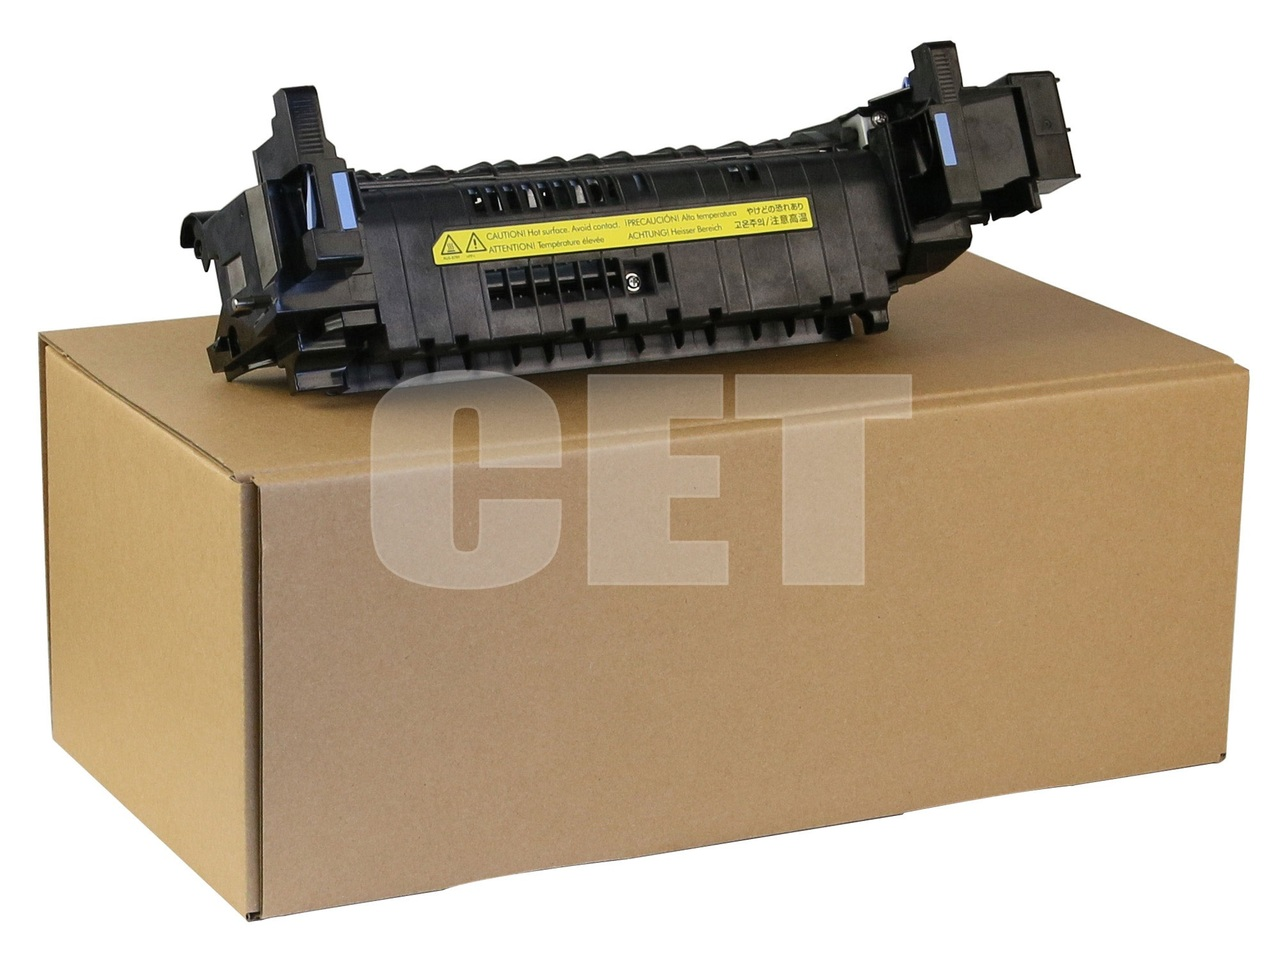 Фьюзер (печка) в сборе RM2-1257-000 для HP LaserJetEnterprise M607dn/608dn/609dn (CET), 170000 стр., CET7719U